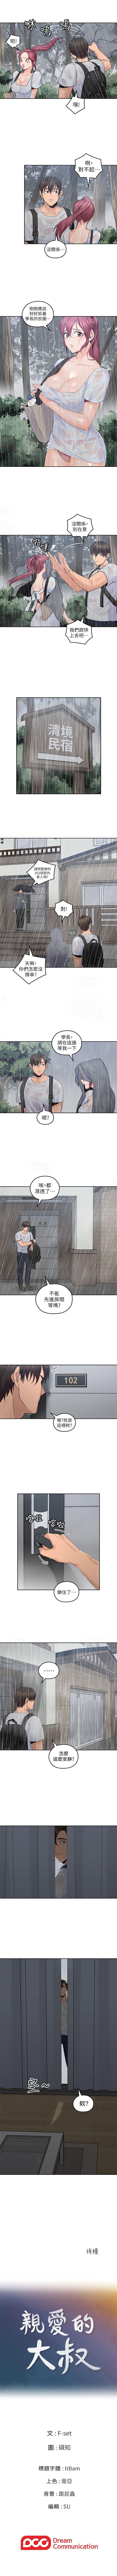 (週4)親愛的大叔 1-39 中文翻譯(更新中) 122